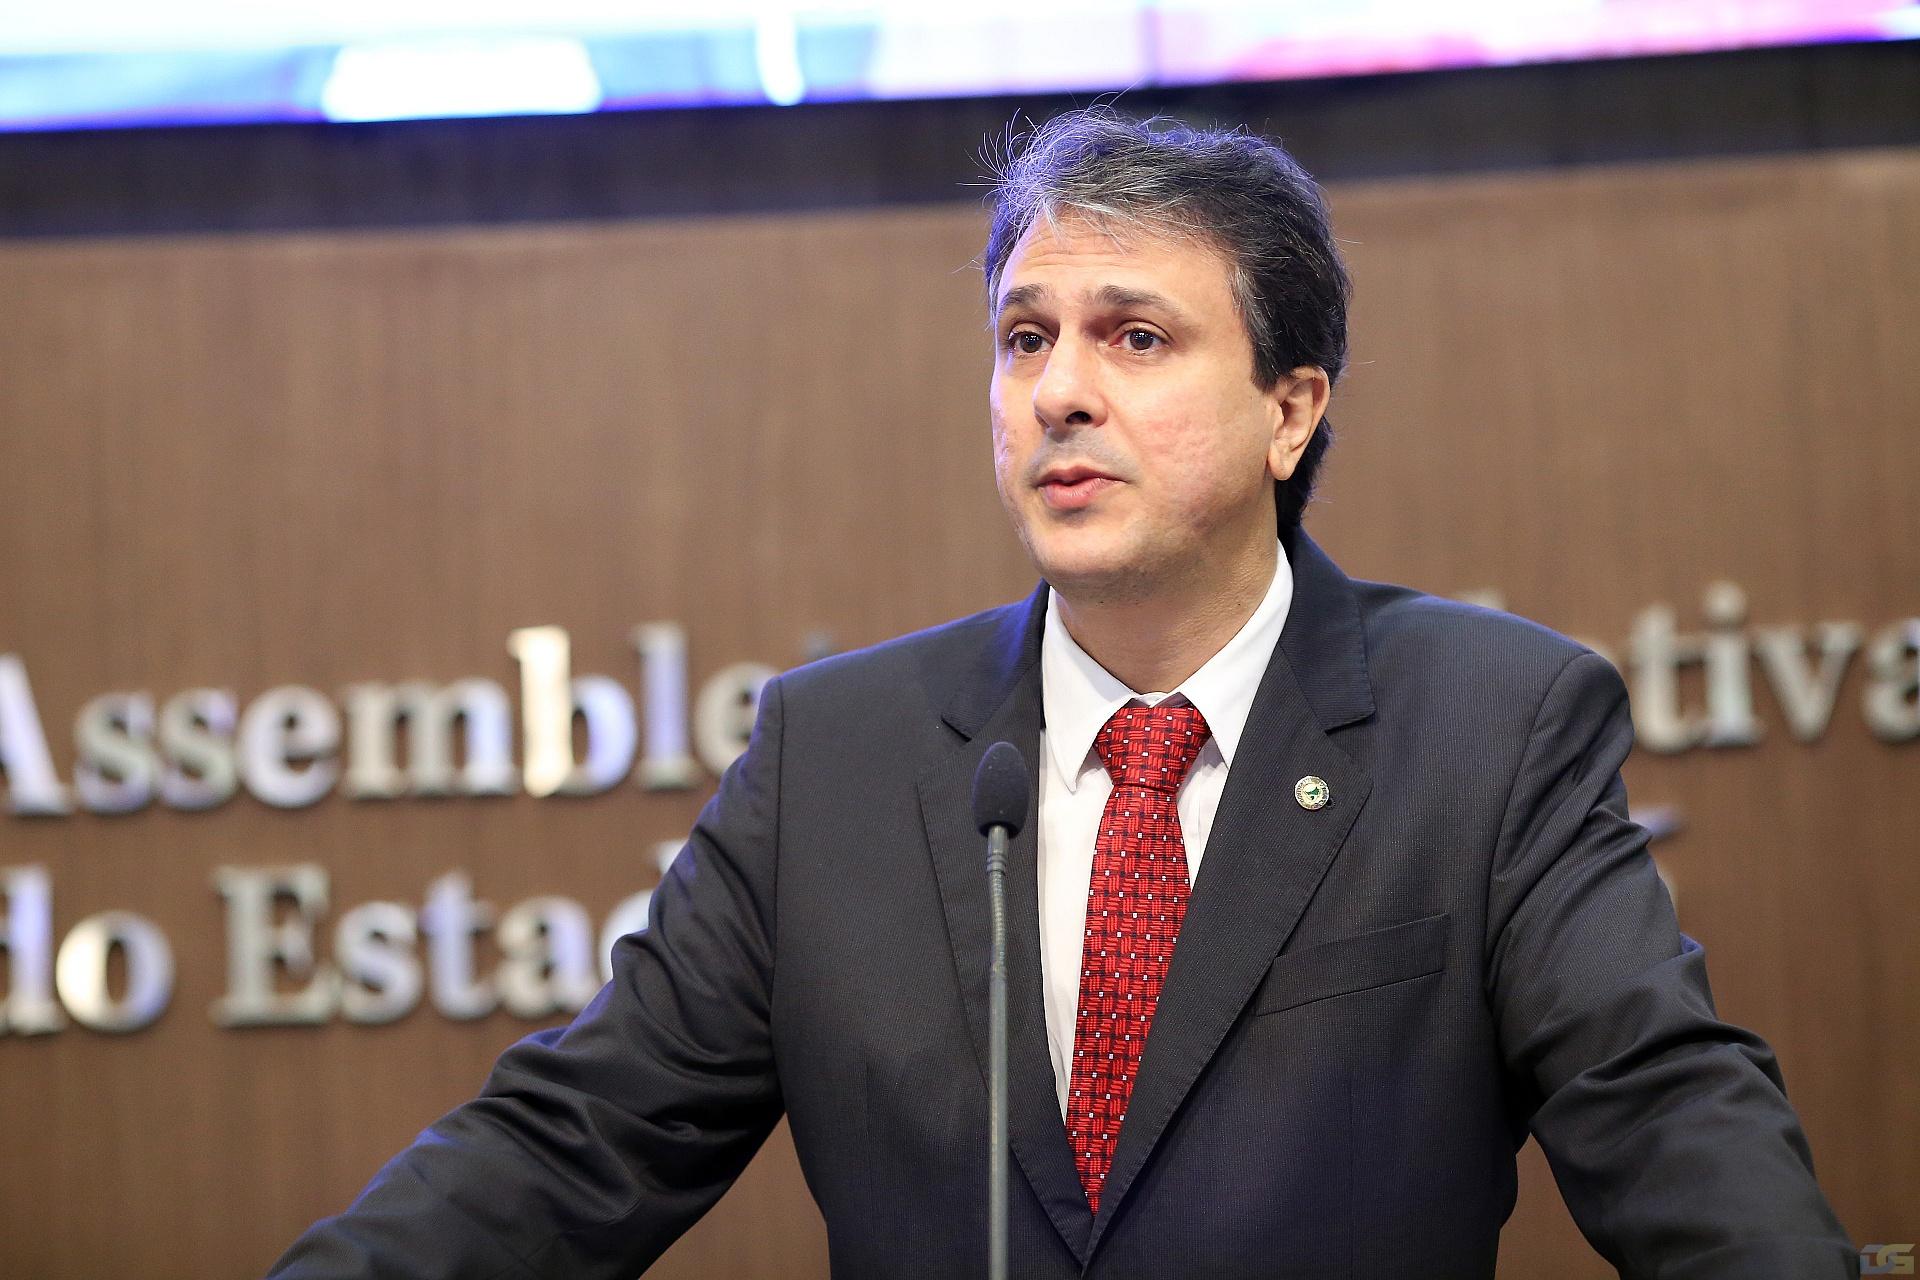 """Camilo alega que secretário de Segurança foi """"mal interpretado"""" sobre declaração polêmica"""